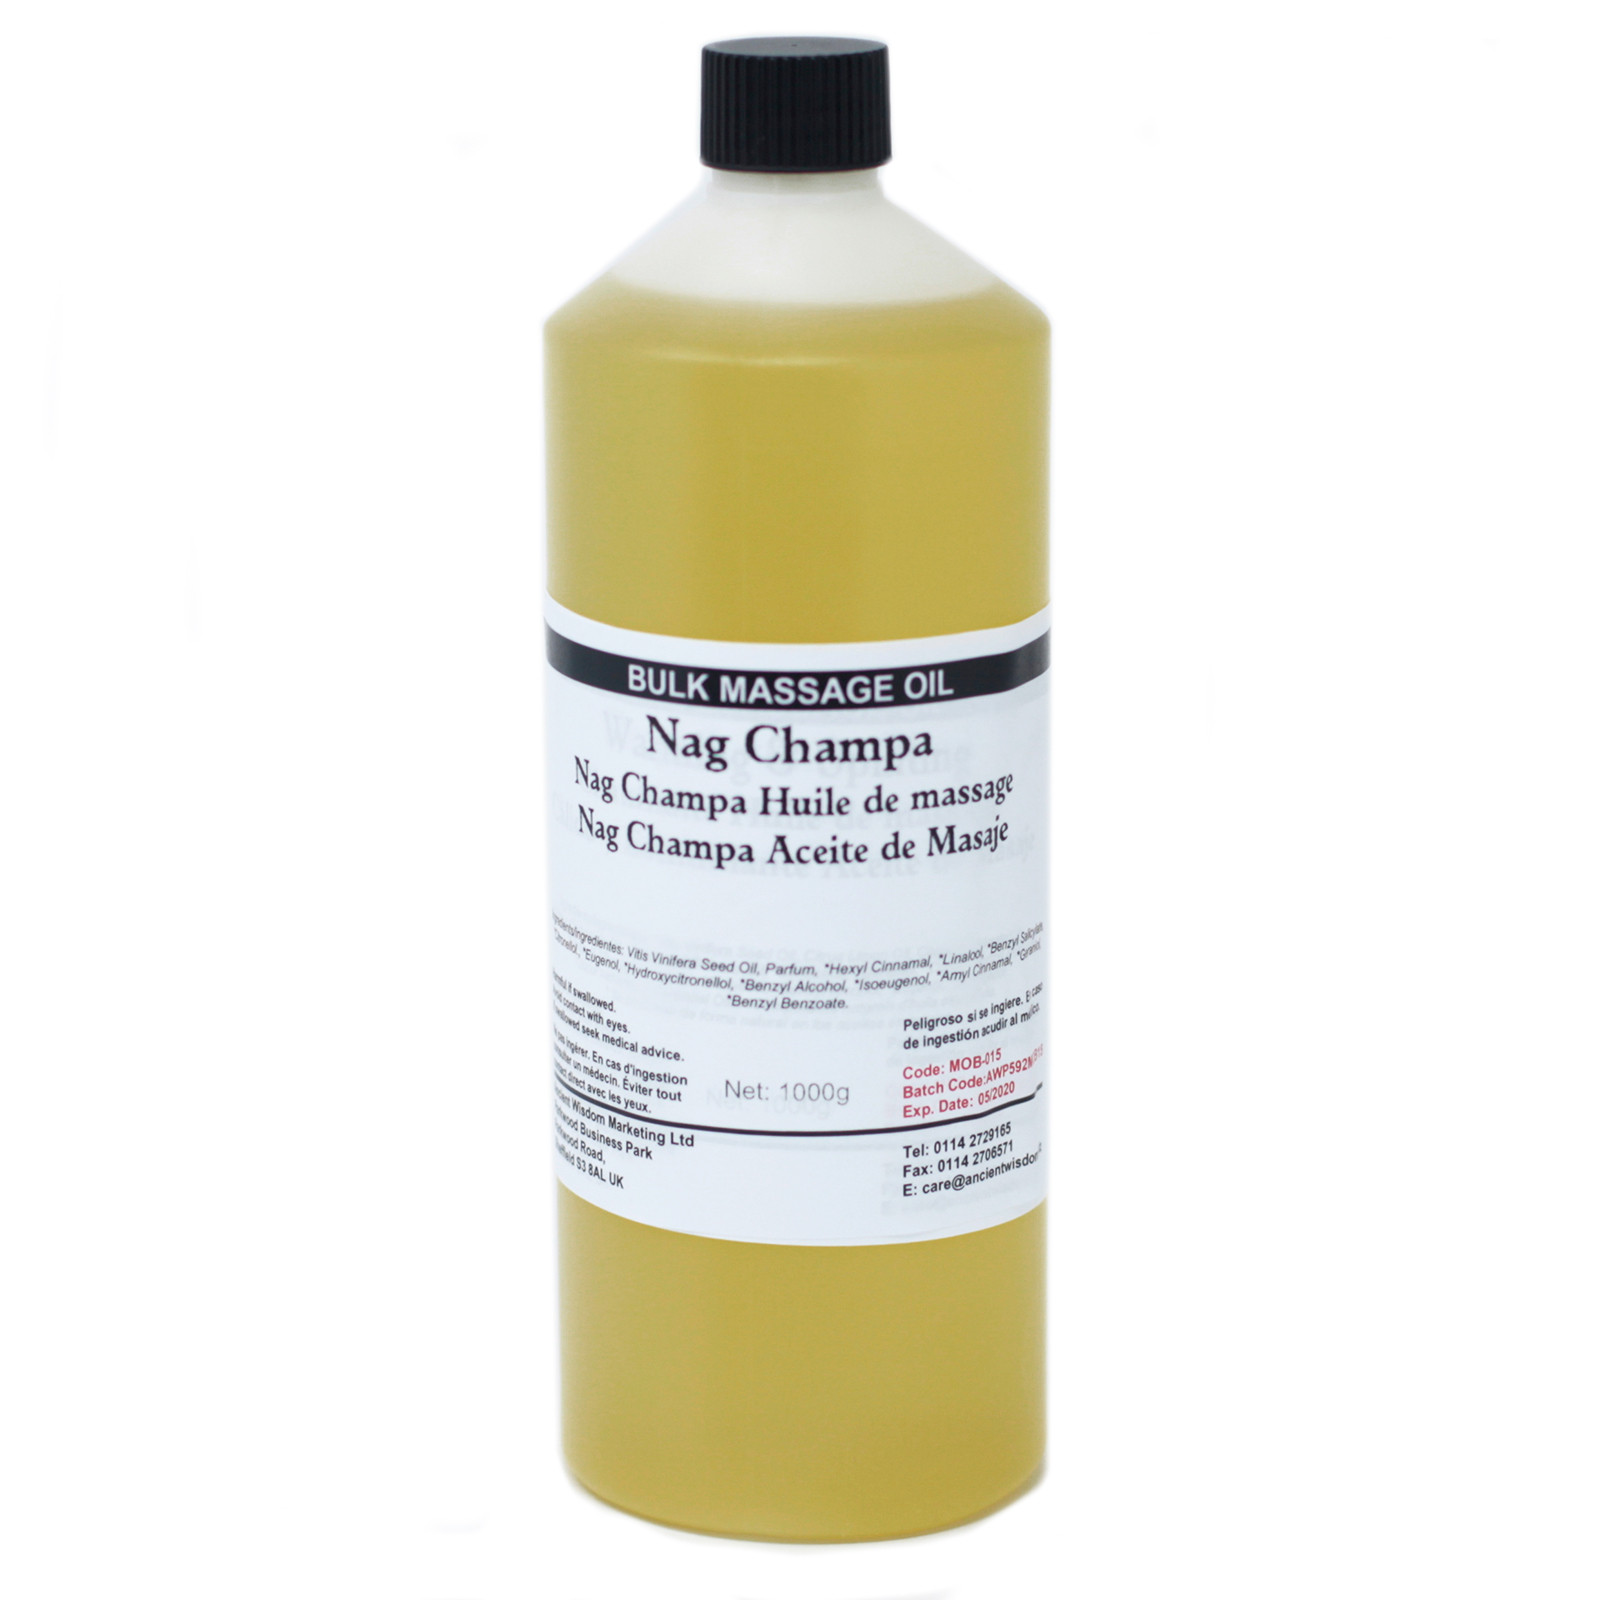 Nag Champa 1Kg Massage Oil